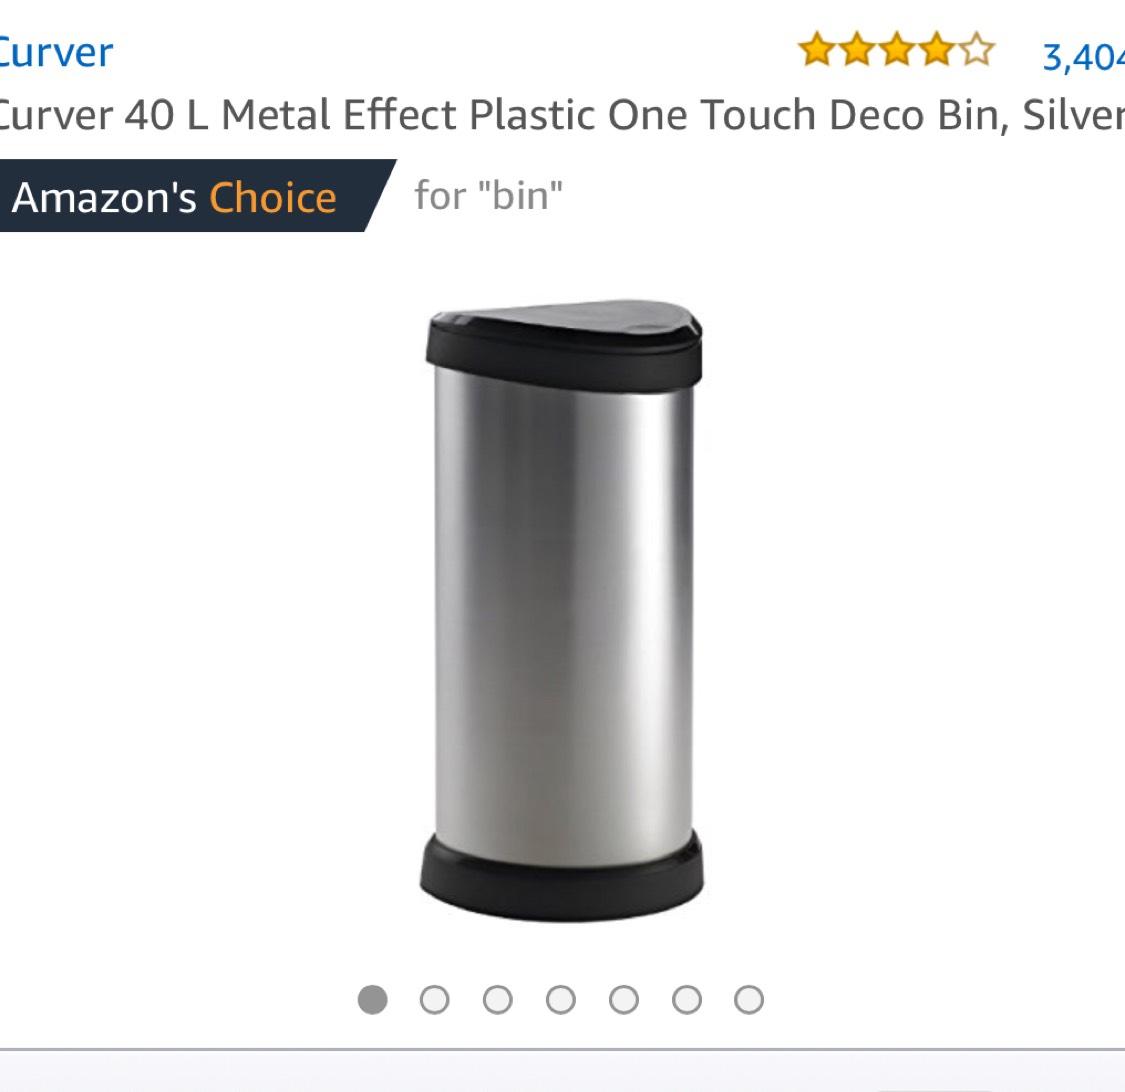 Curver Metallic Effect Plastic Bin 40 L £19.99 Prime / £24.74 Non Prime @ Amazon